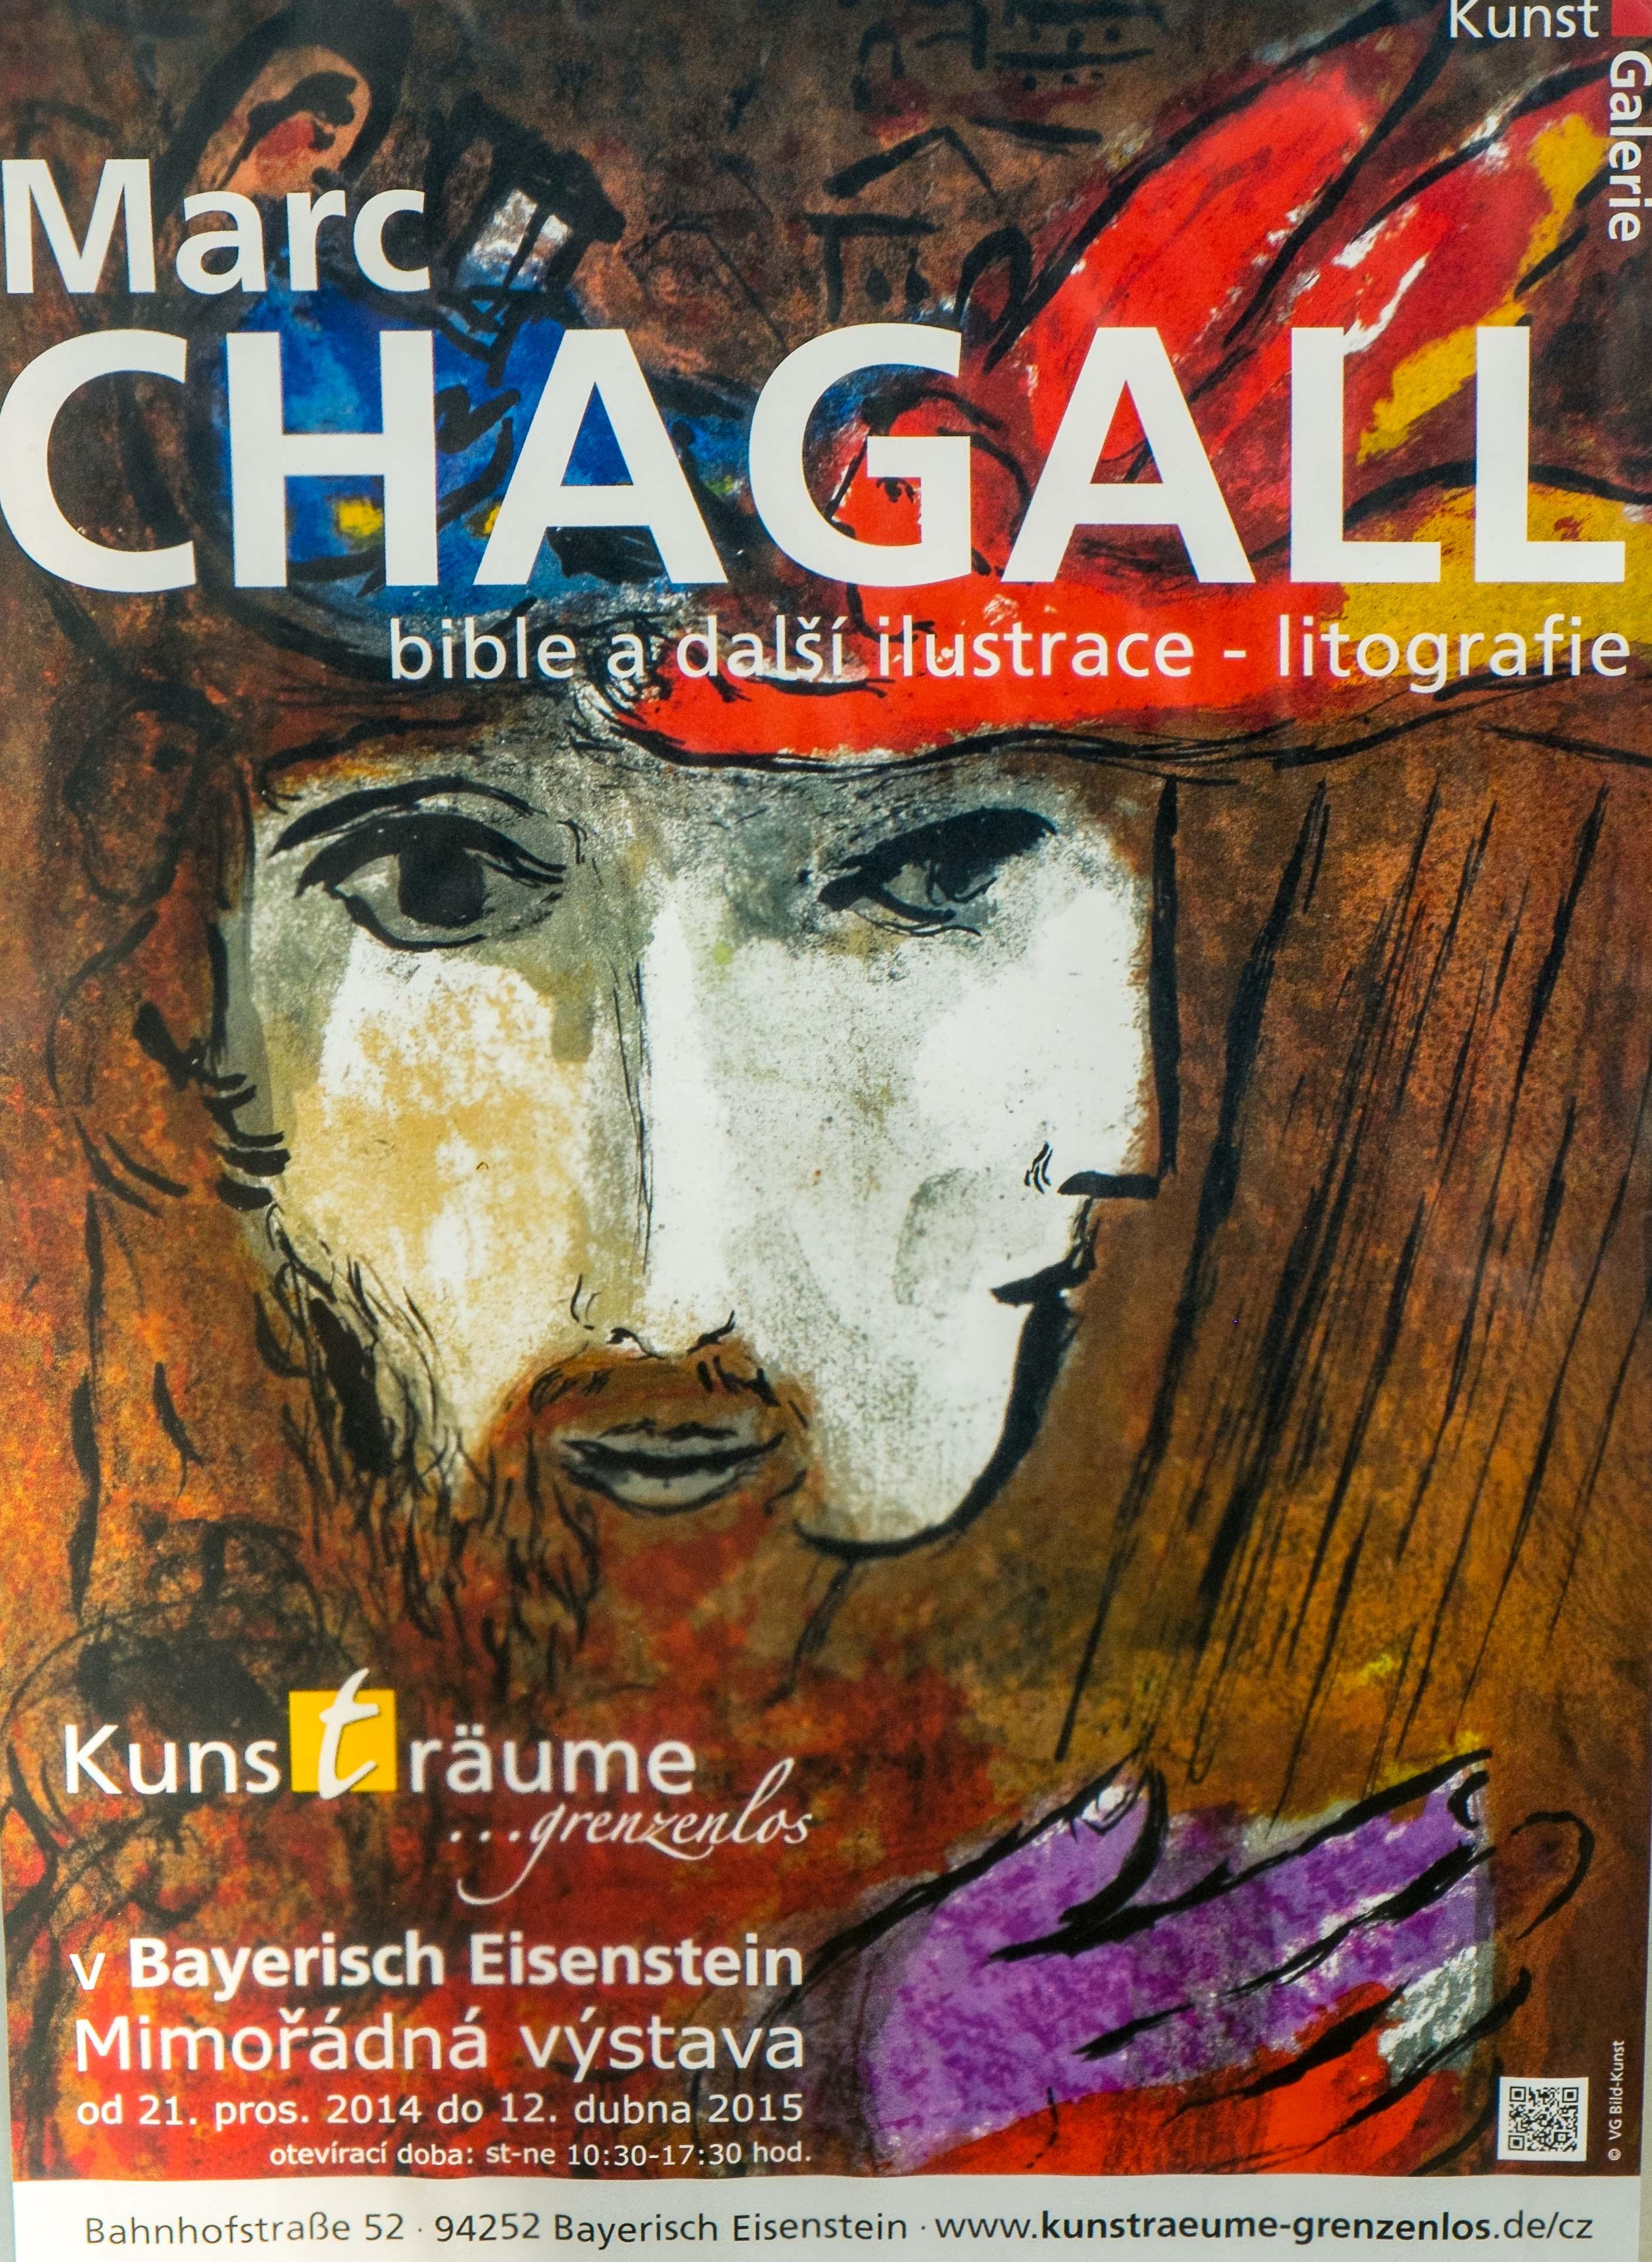 Chagall Plakat (1 von 1)